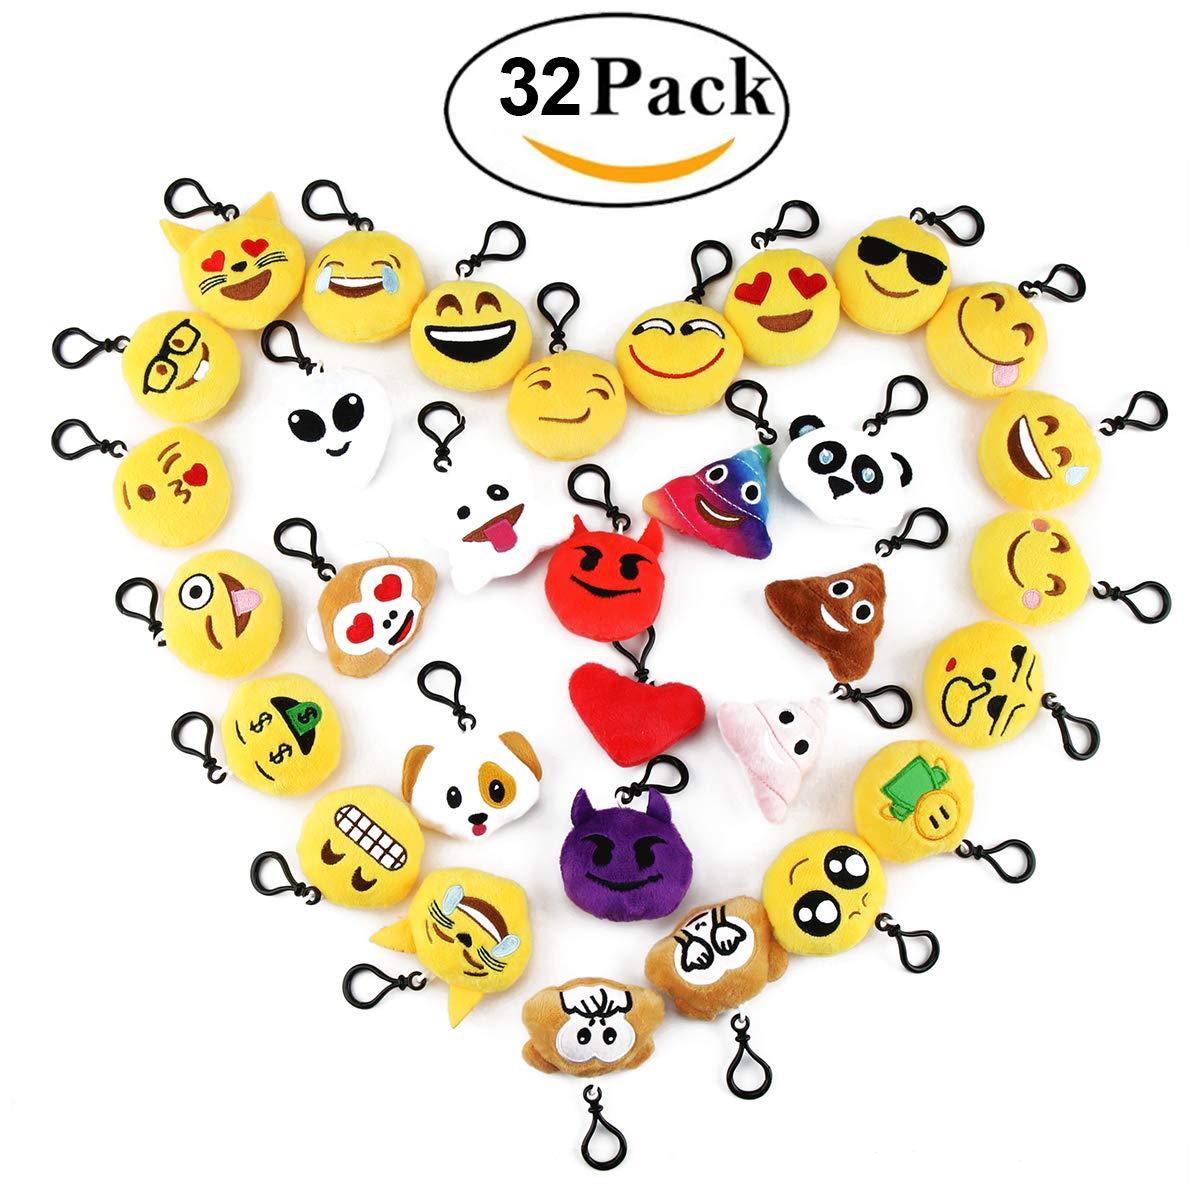 Cusfull Lot DE 20 Mini Emoji Porte-clés en Peluche Mignon Émoticône Emoji Emoji Sac à Dos Pendentif pour Décorations Enfants Cadeau de Fête Noël Party ,soirée ,Anniversaire,Cadeau de Pâques 43534